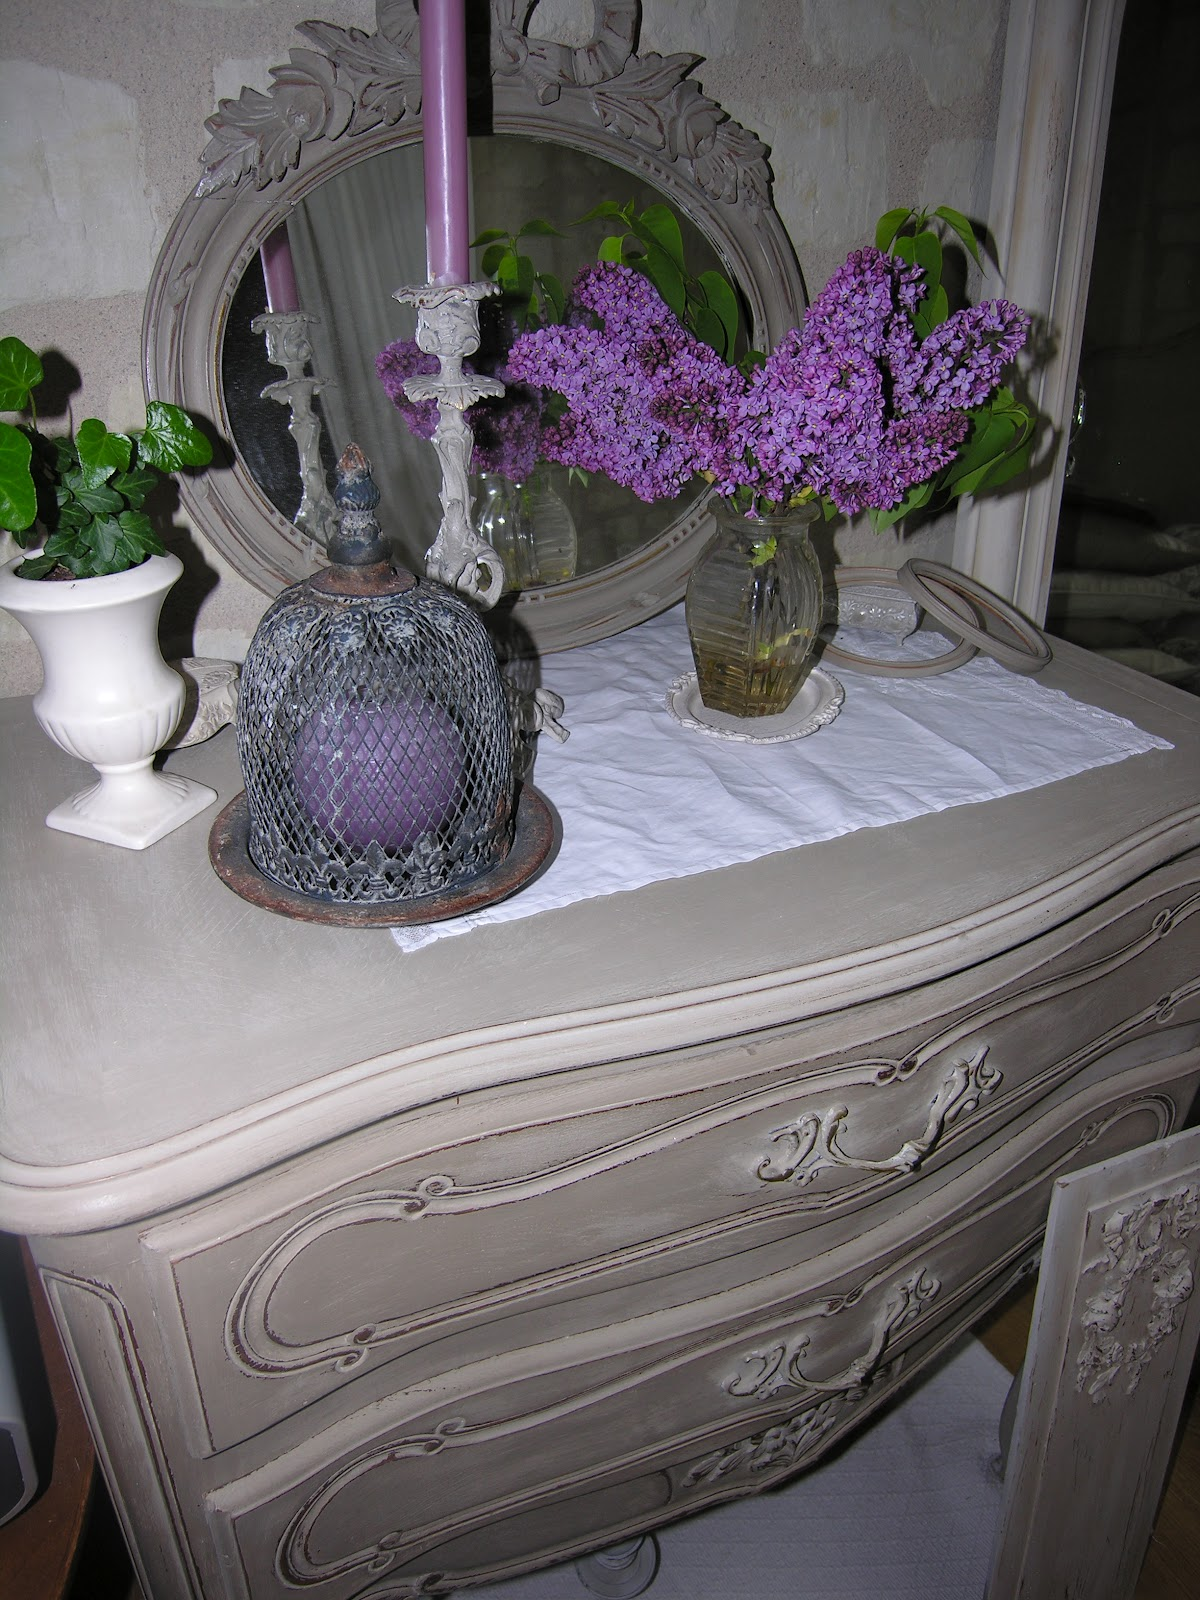 bienvenue dans mon univers de la patine l 39 ancienne avril 2012. Black Bedroom Furniture Sets. Home Design Ideas